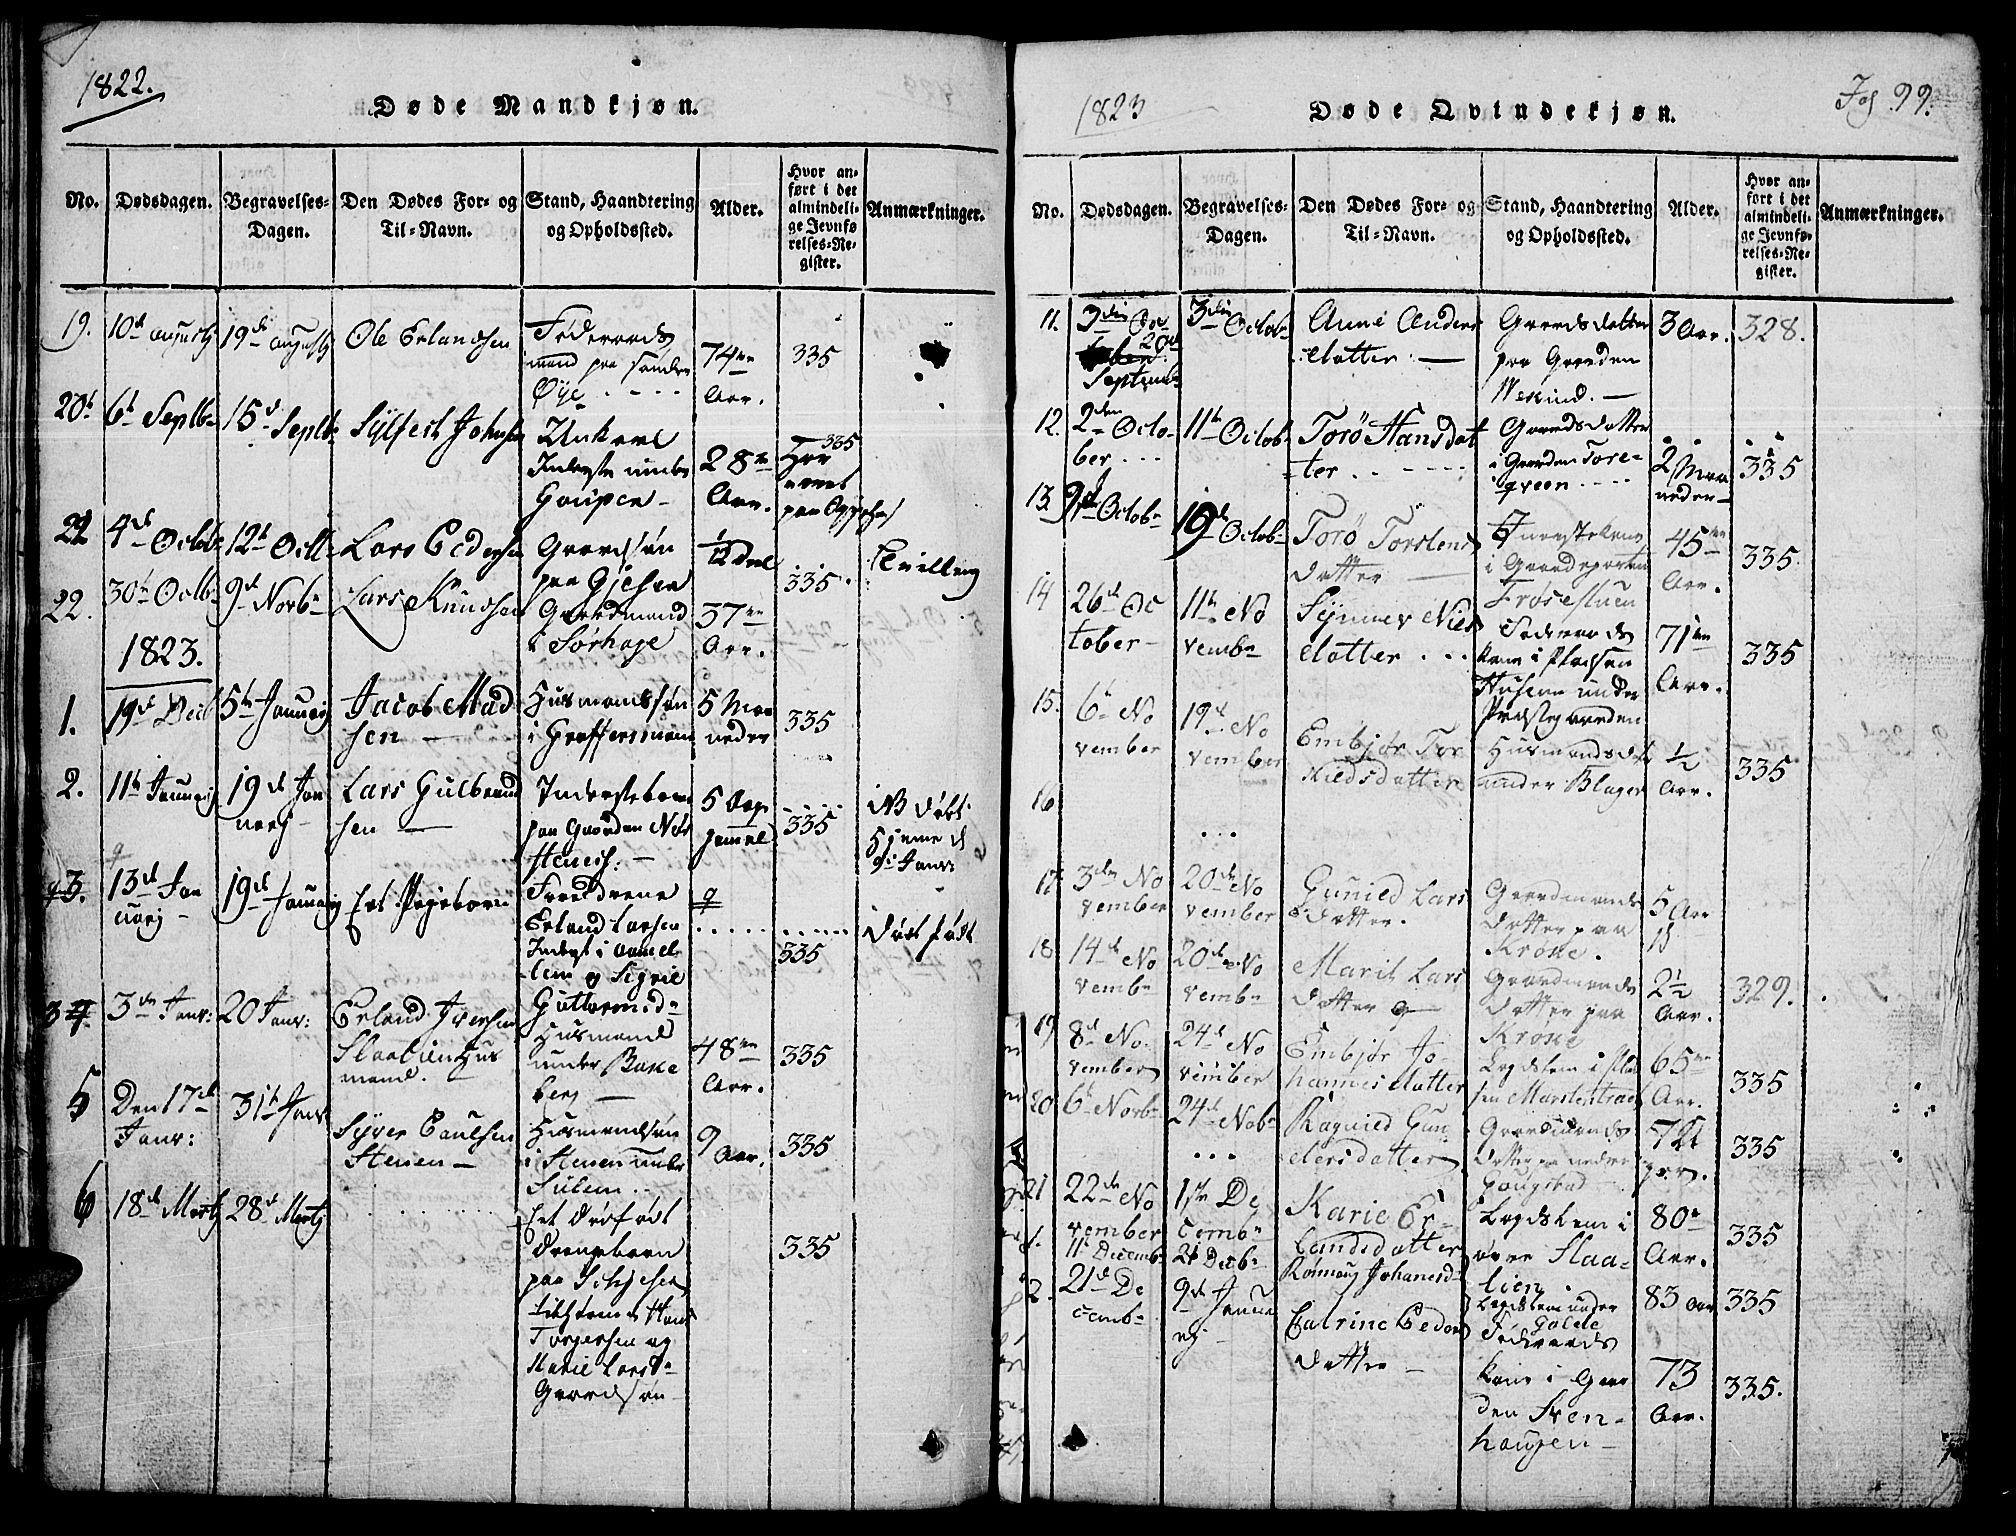 SAH, Lom prestekontor, L/L0001: Klokkerbok nr. 1, 1815-1836, s. 99